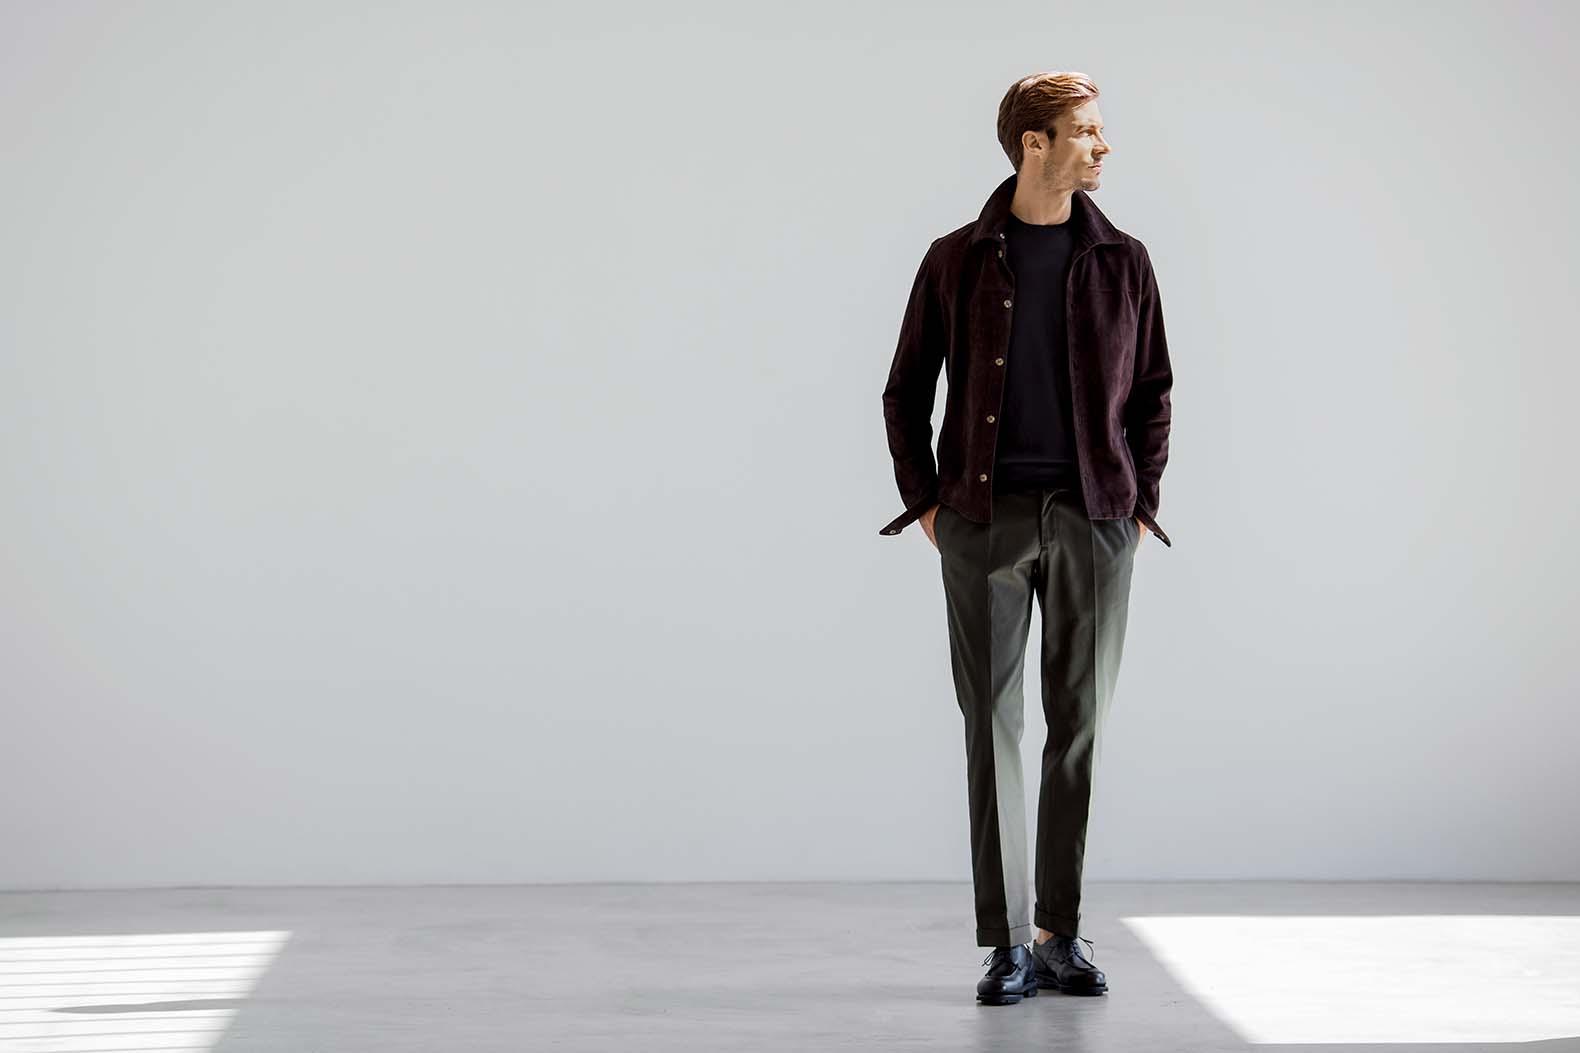 ヴィンテージリッチを体現する 「GBS trousers」